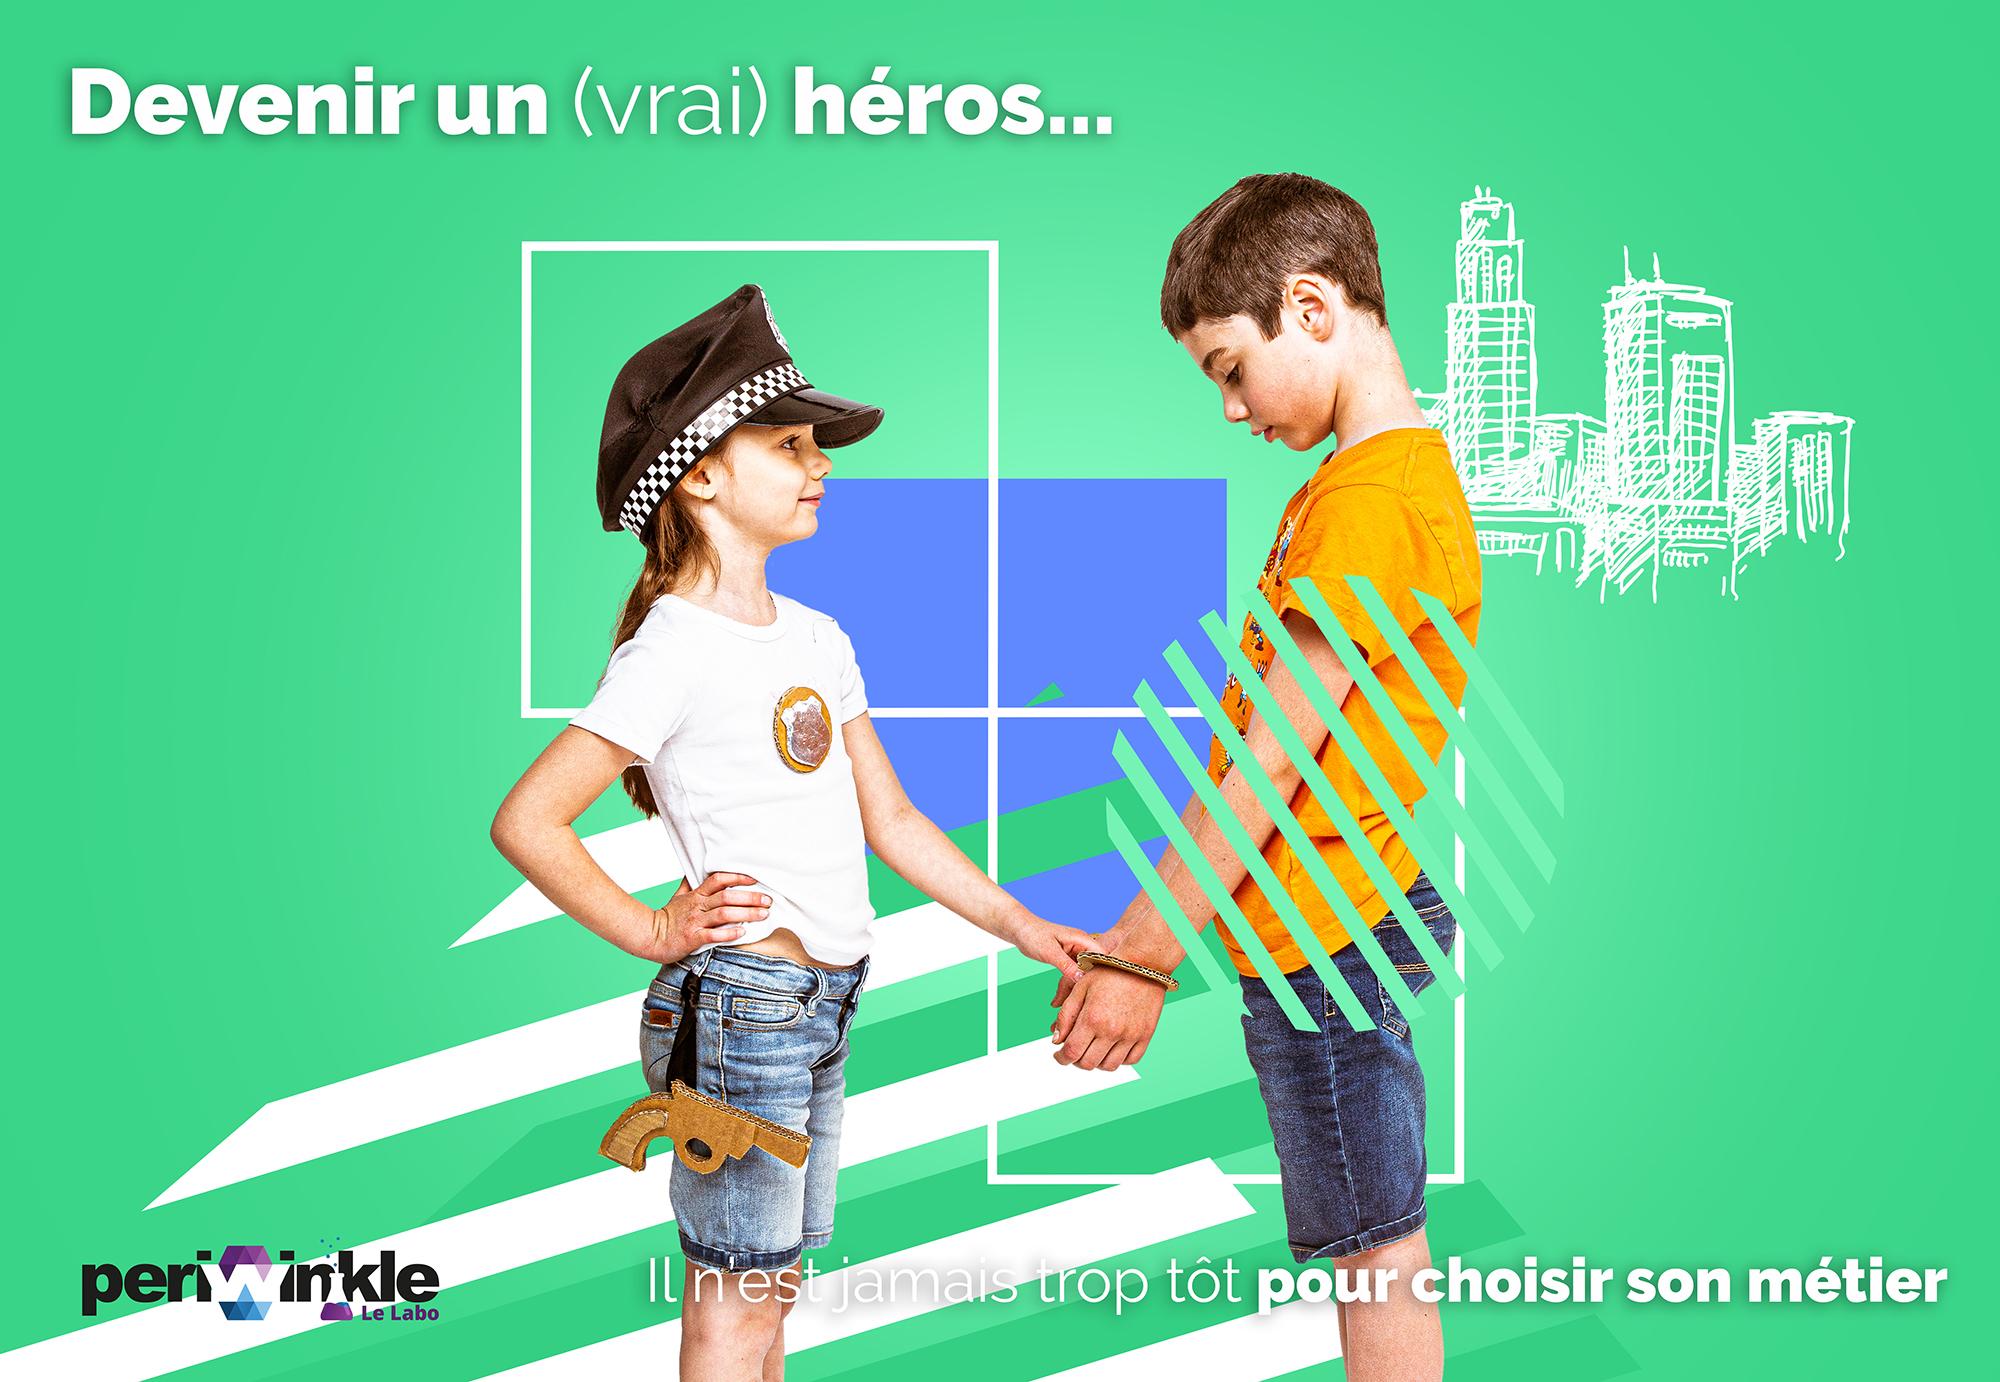 Deux enfants jouent au policier et au voleur avec un montage graphique